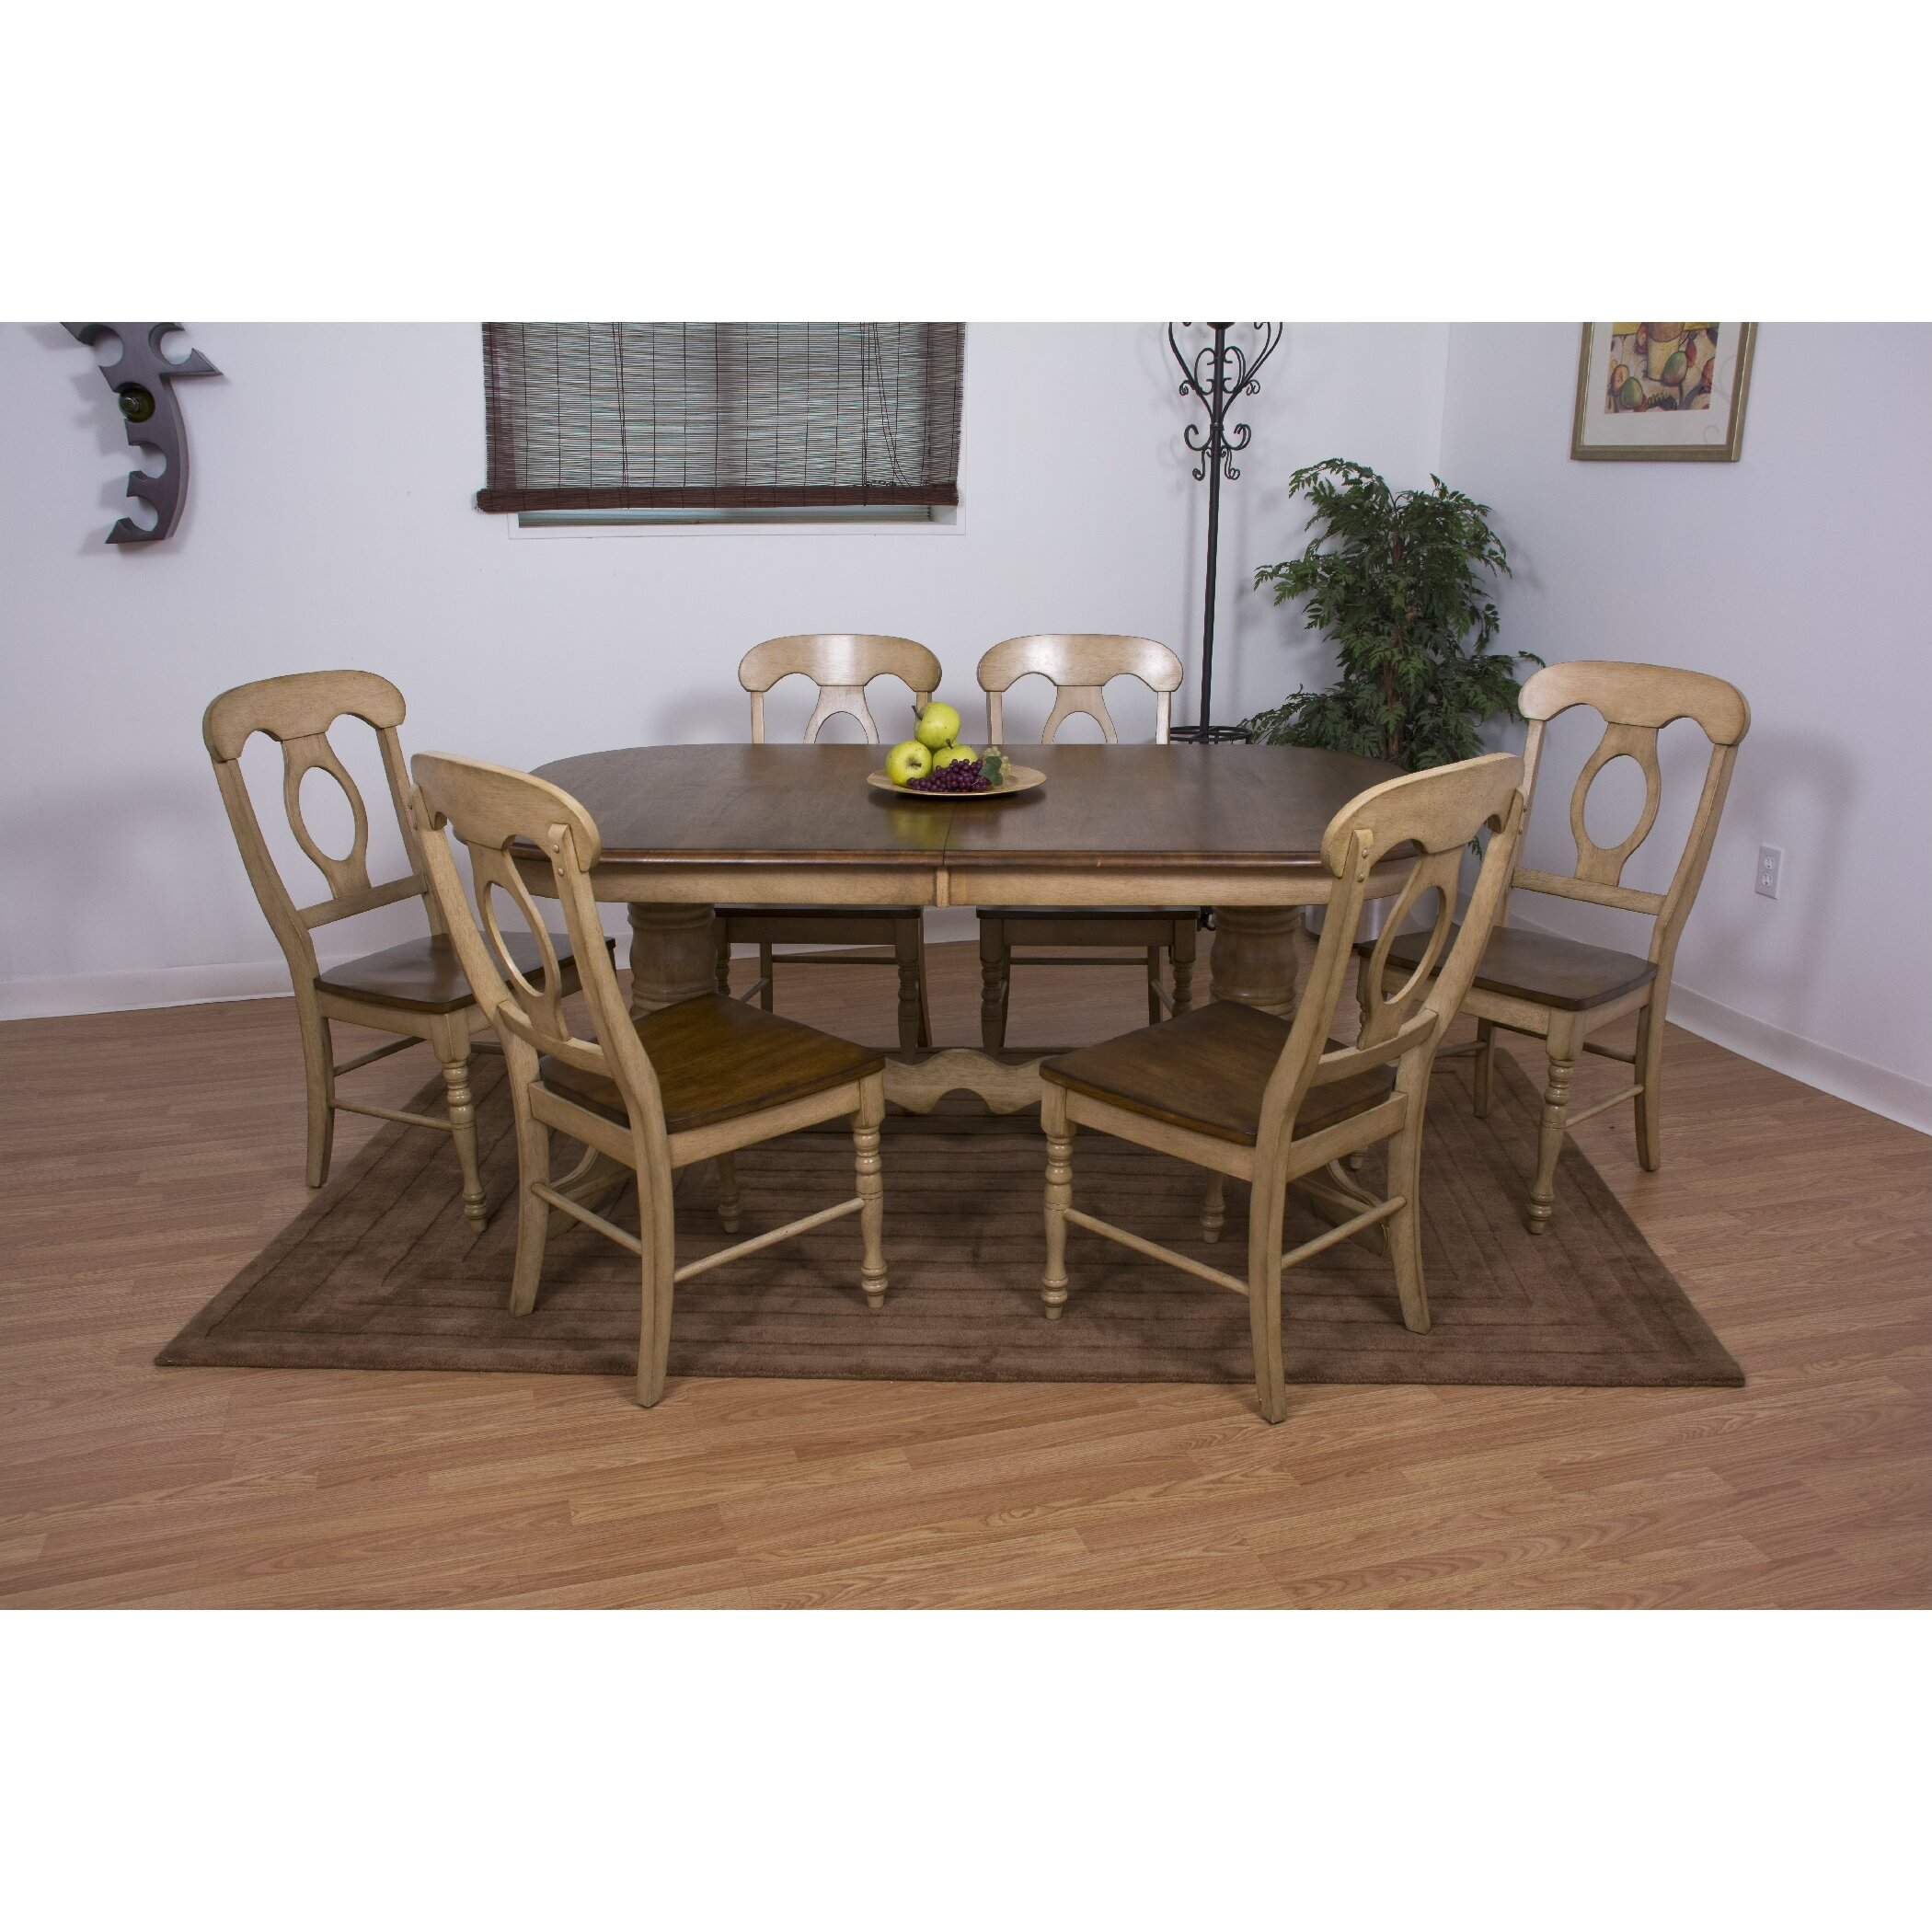 Sunset Trading Brook 7 Piece Dining Set & Reviews | Wayfair